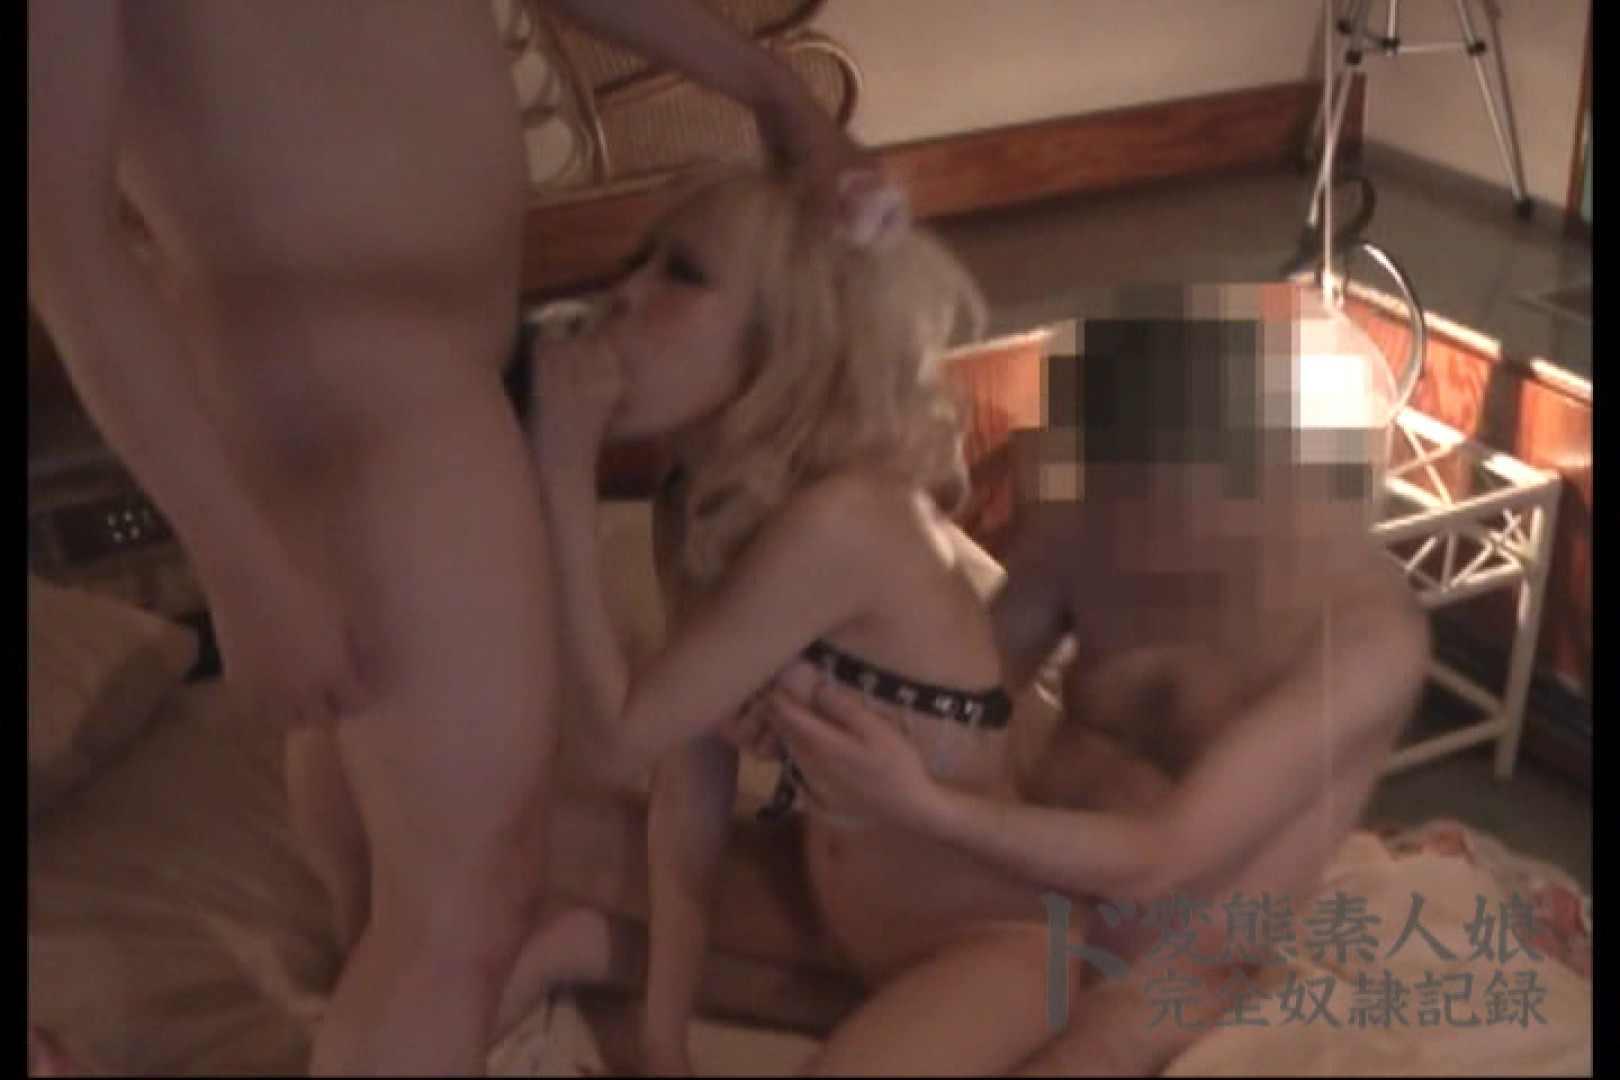 ド変態素人嬢完全奴隷記録 ~其の漆~弐 アナル AV動画キャプチャ 79枚 59